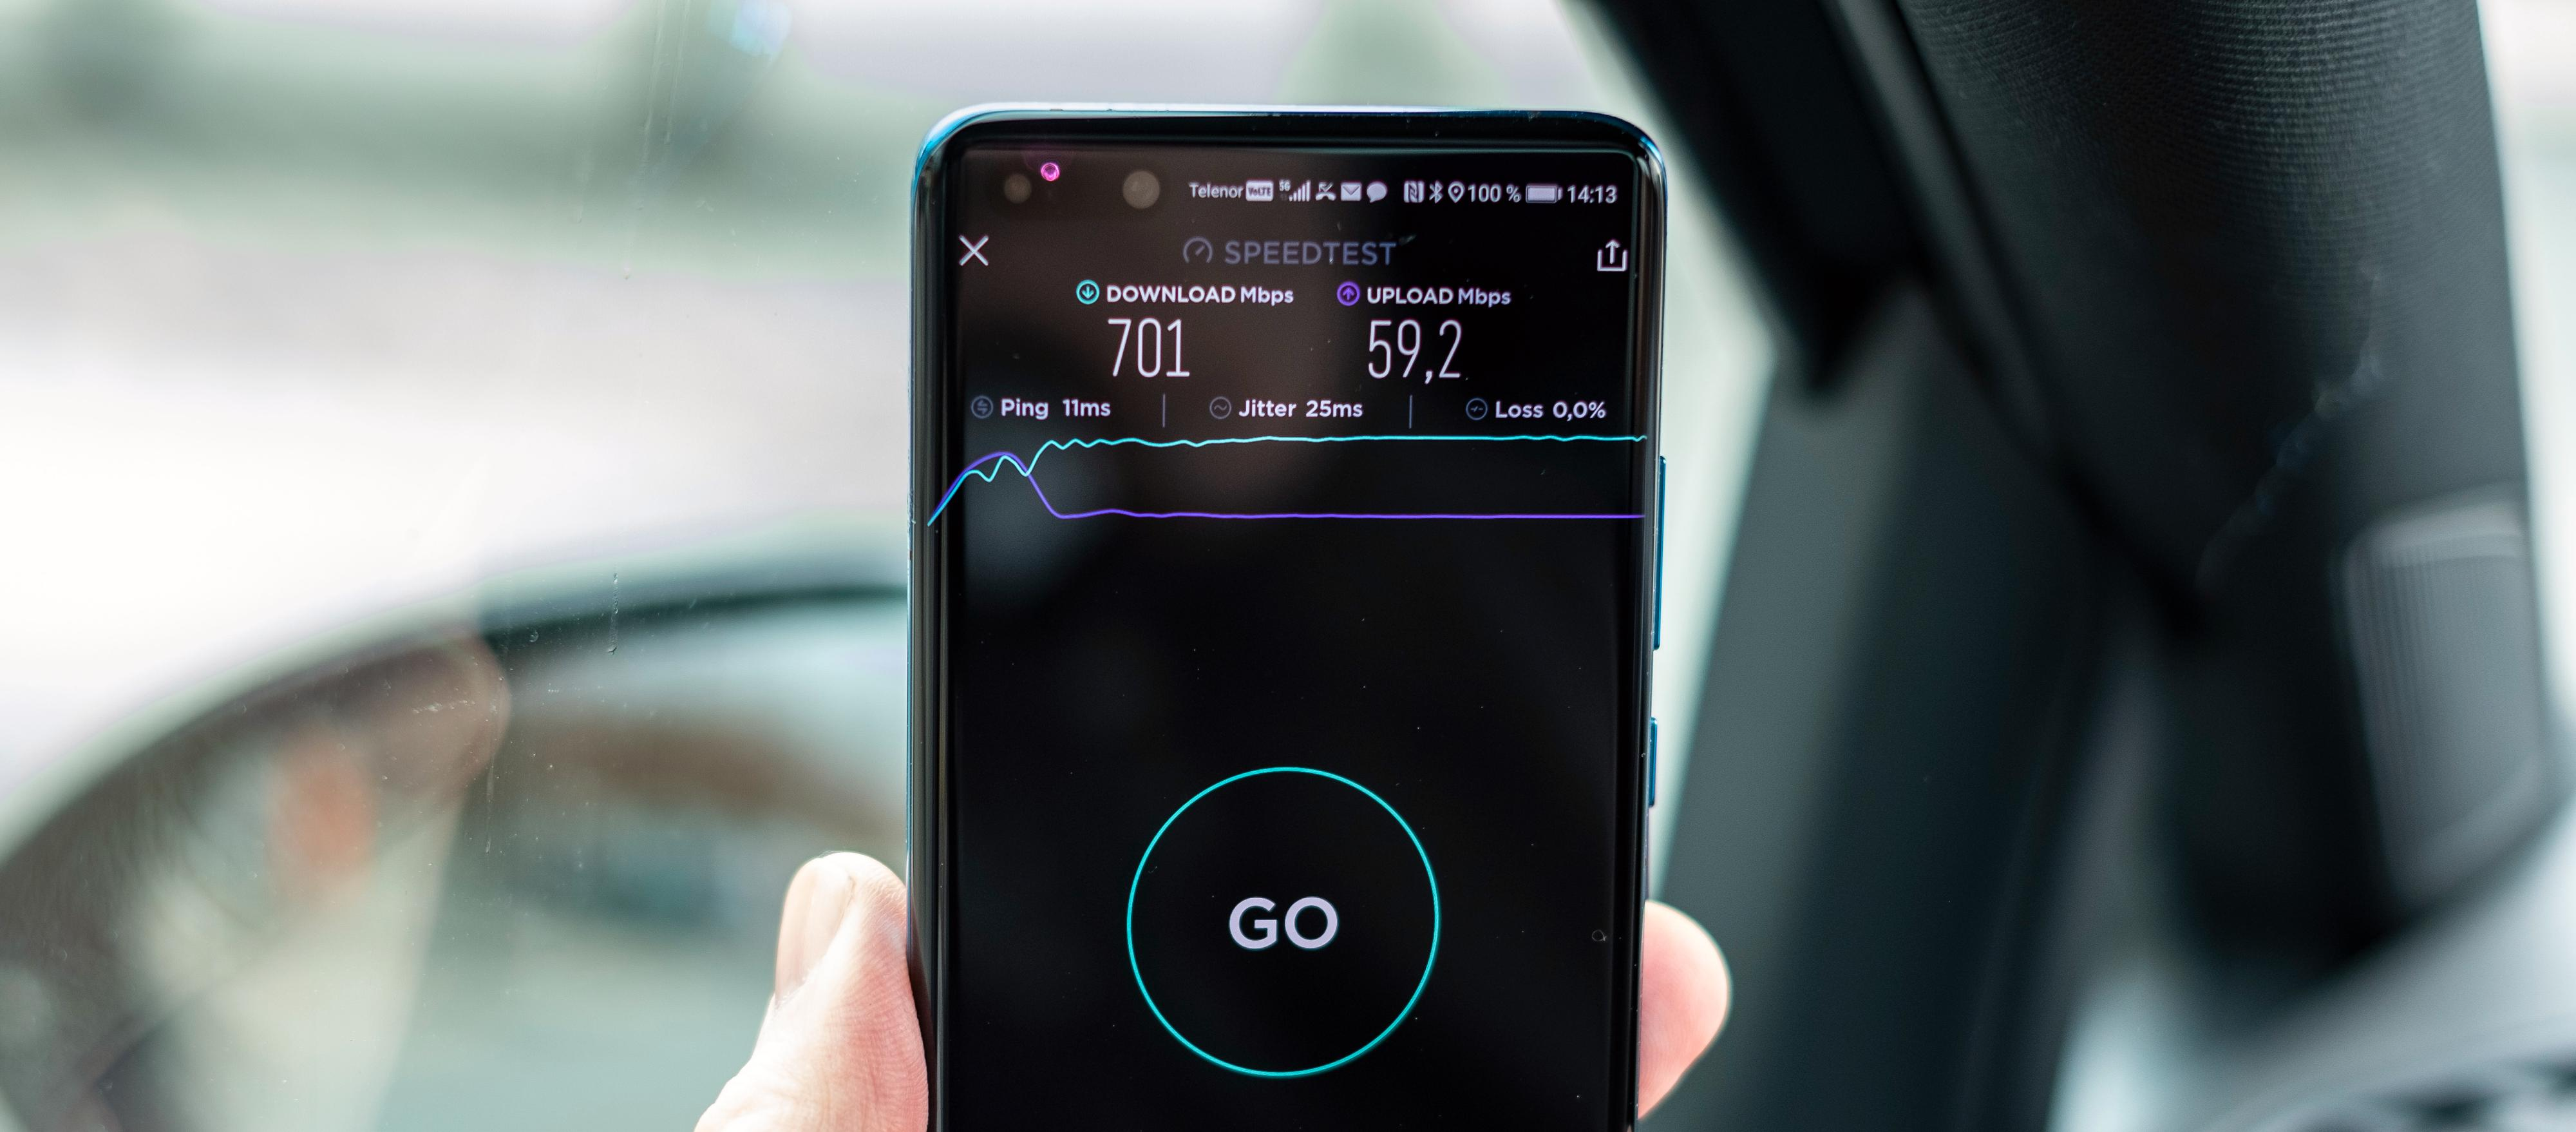 5G er hjertelig til stede, og virker som bare det. I skrivende stund har fortsatt ikke Galaxy S20 Ultra fått oppdateringen som faktisk skrur på 5G.